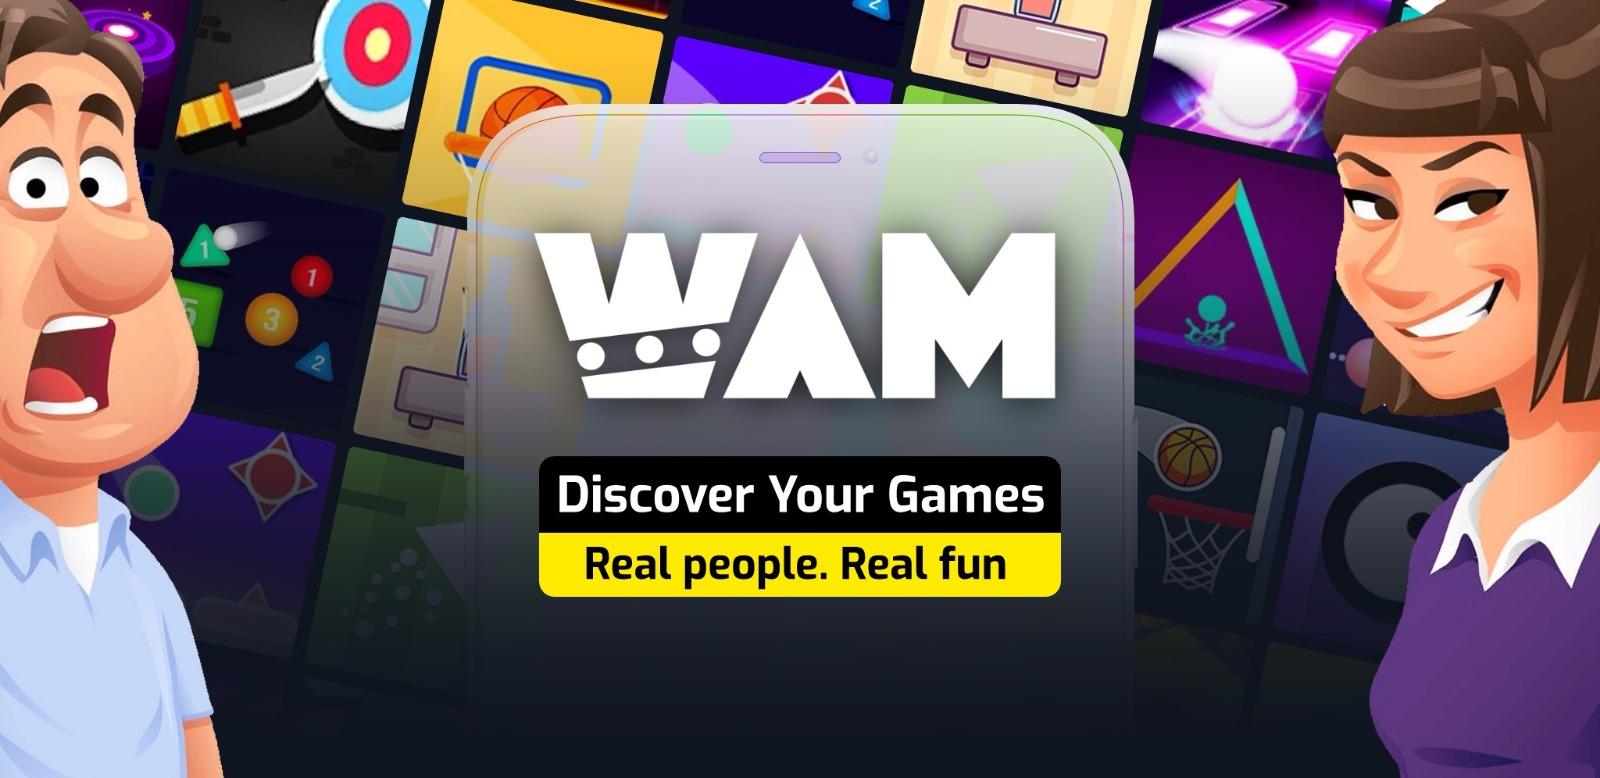 WAM.app